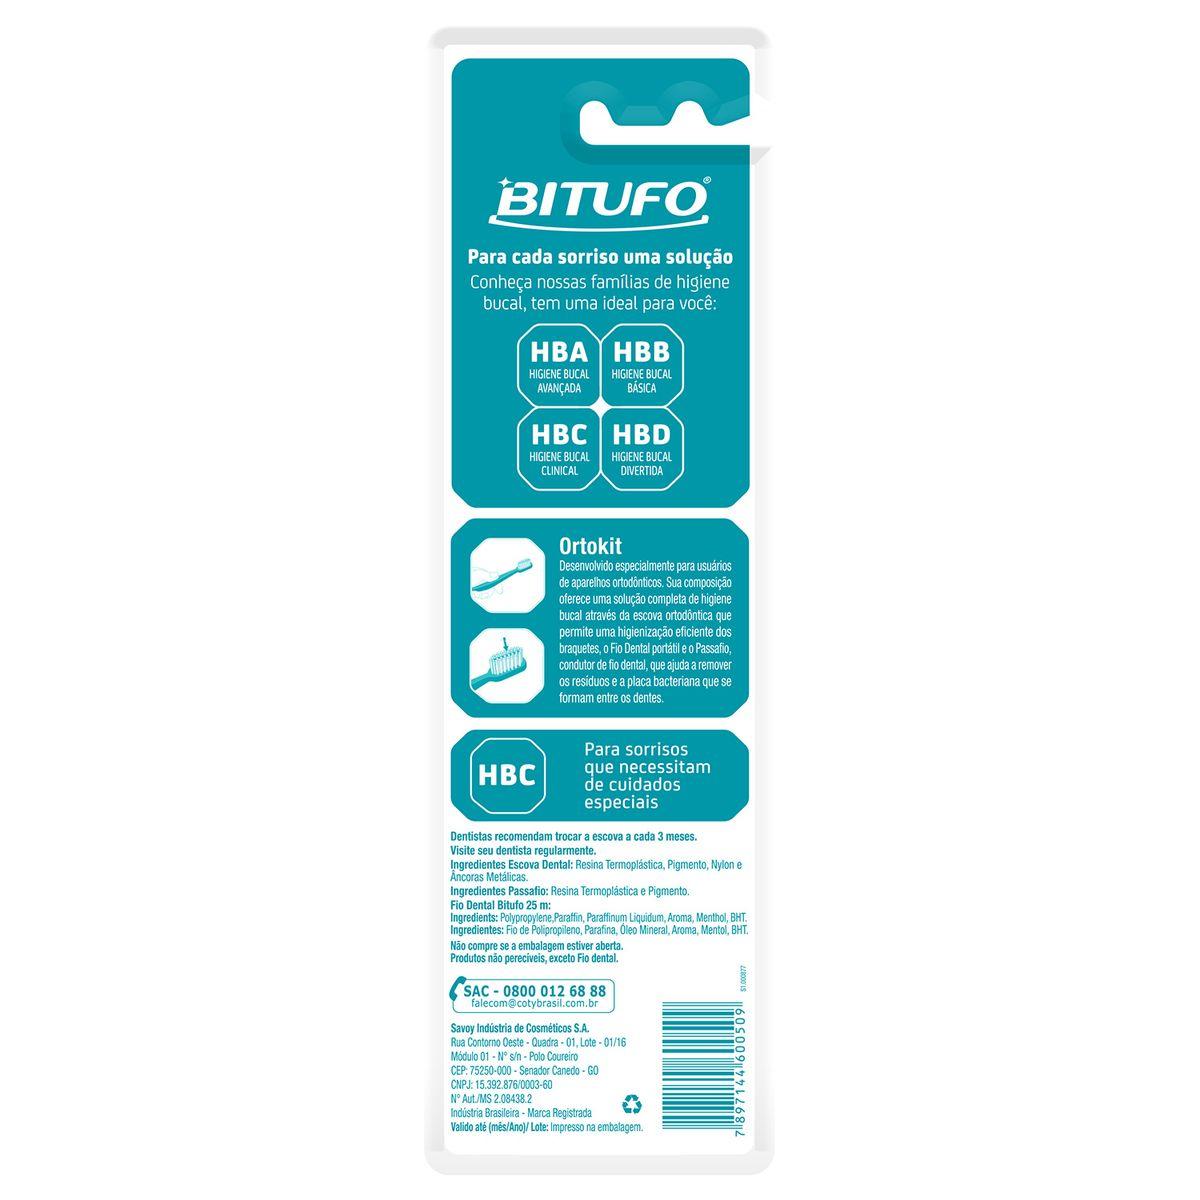 a8a7e9fce Escova Dental Bitufo Kit Ortodôntico Cônico - Farmacias Pague Menos